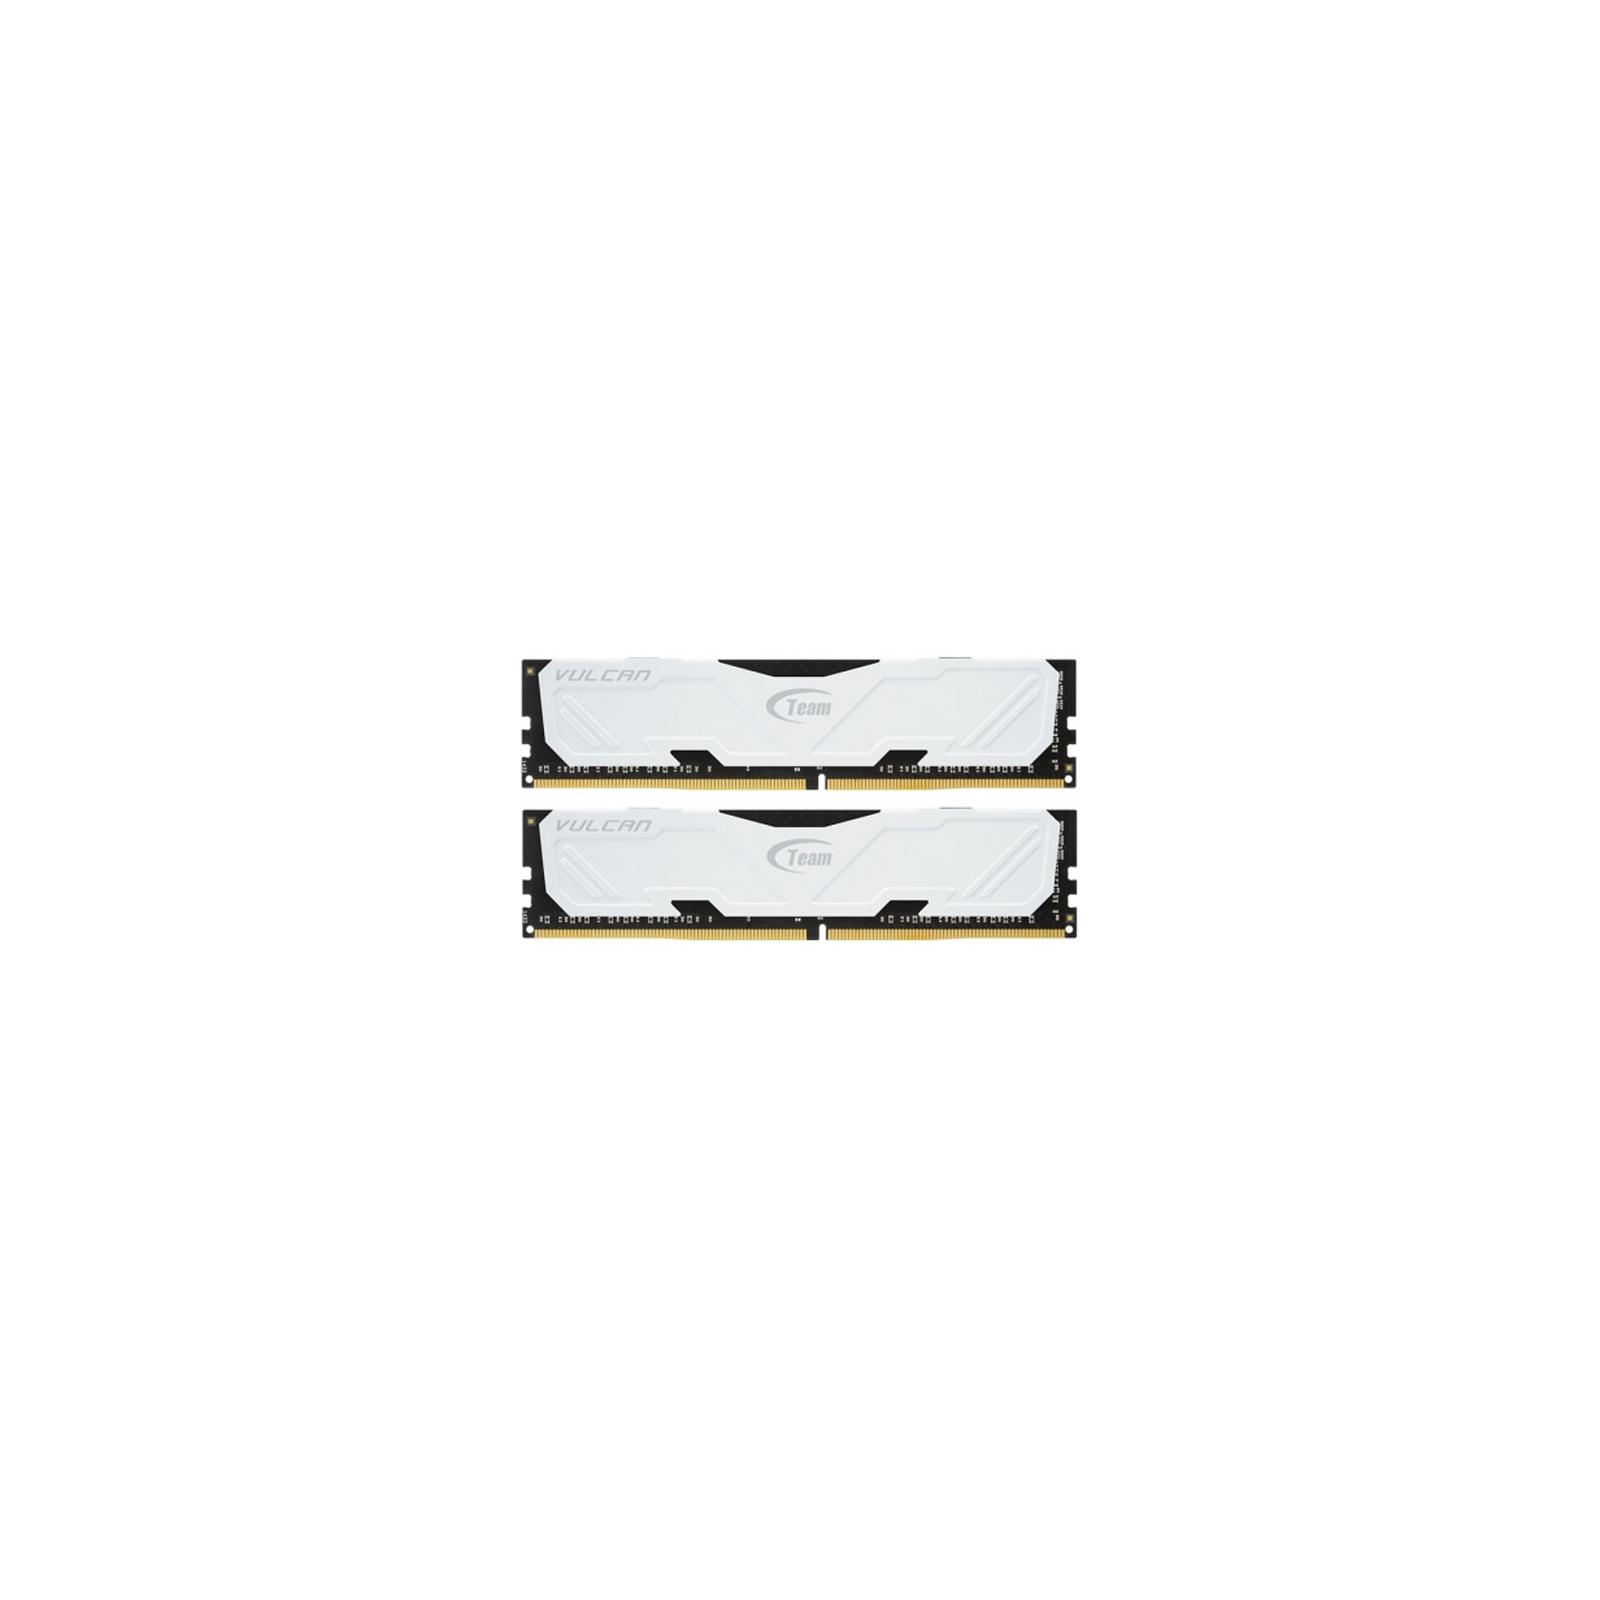 Модуль памяти для компьютера DDR3 16GB (2x8GB) 1600 MHz Vulcan White Team (TLWED316G1600HC9DC01)